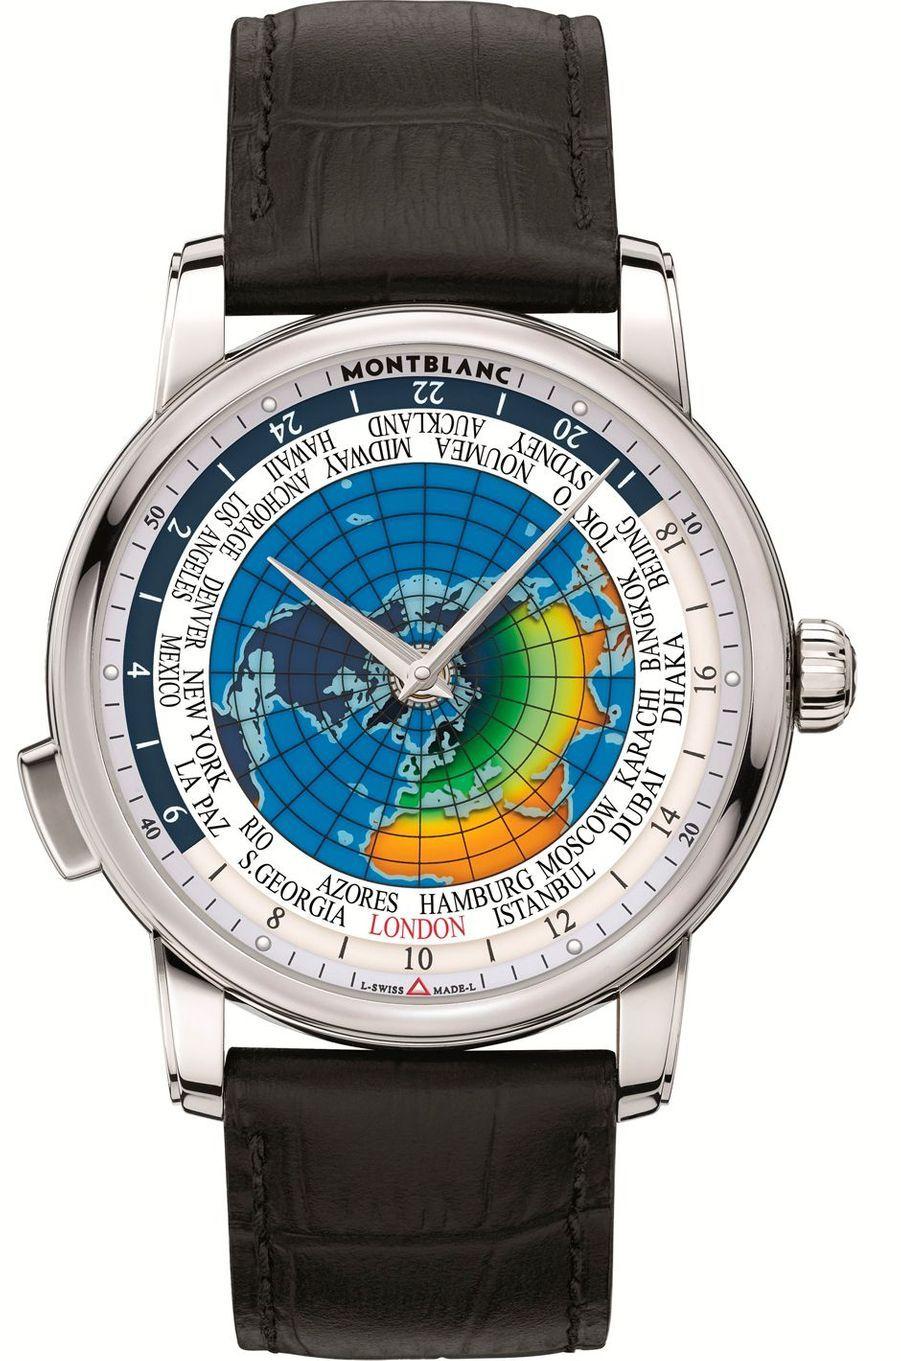 4810 Orbis Terrarum en acier, mouvement automatique, bracelet en alligator, 5 900 €. Montblanc.